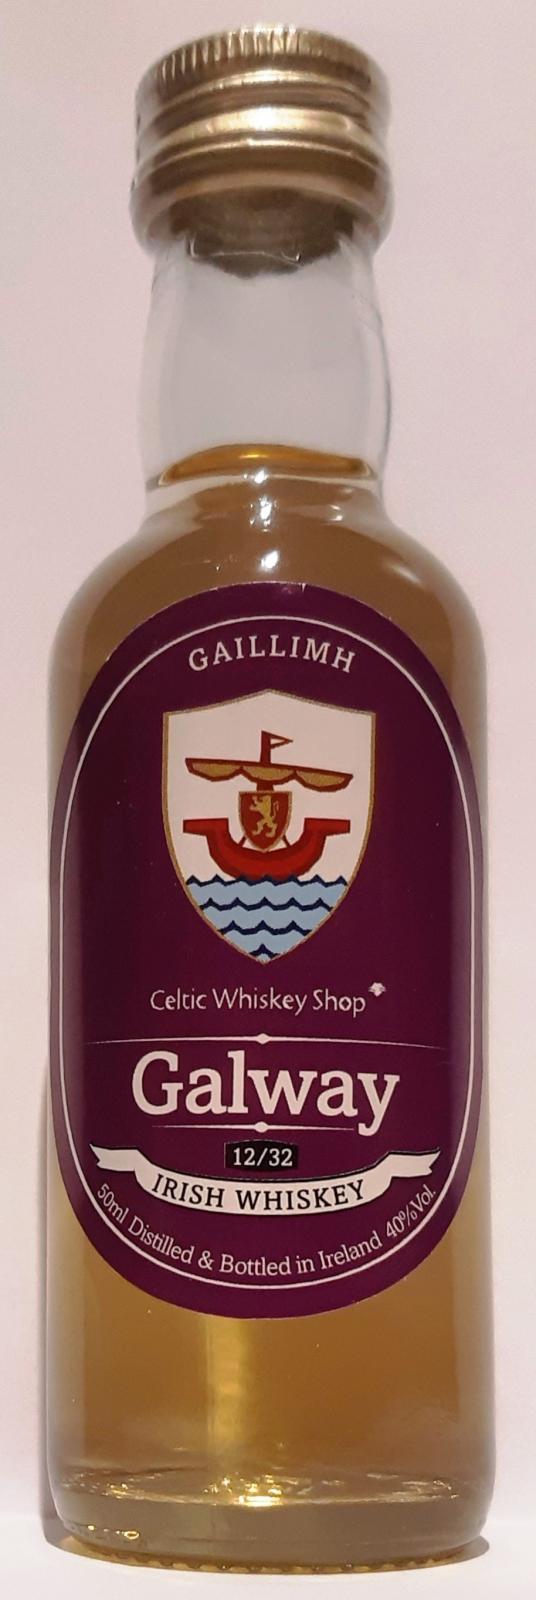 Irish Whiskey Galway